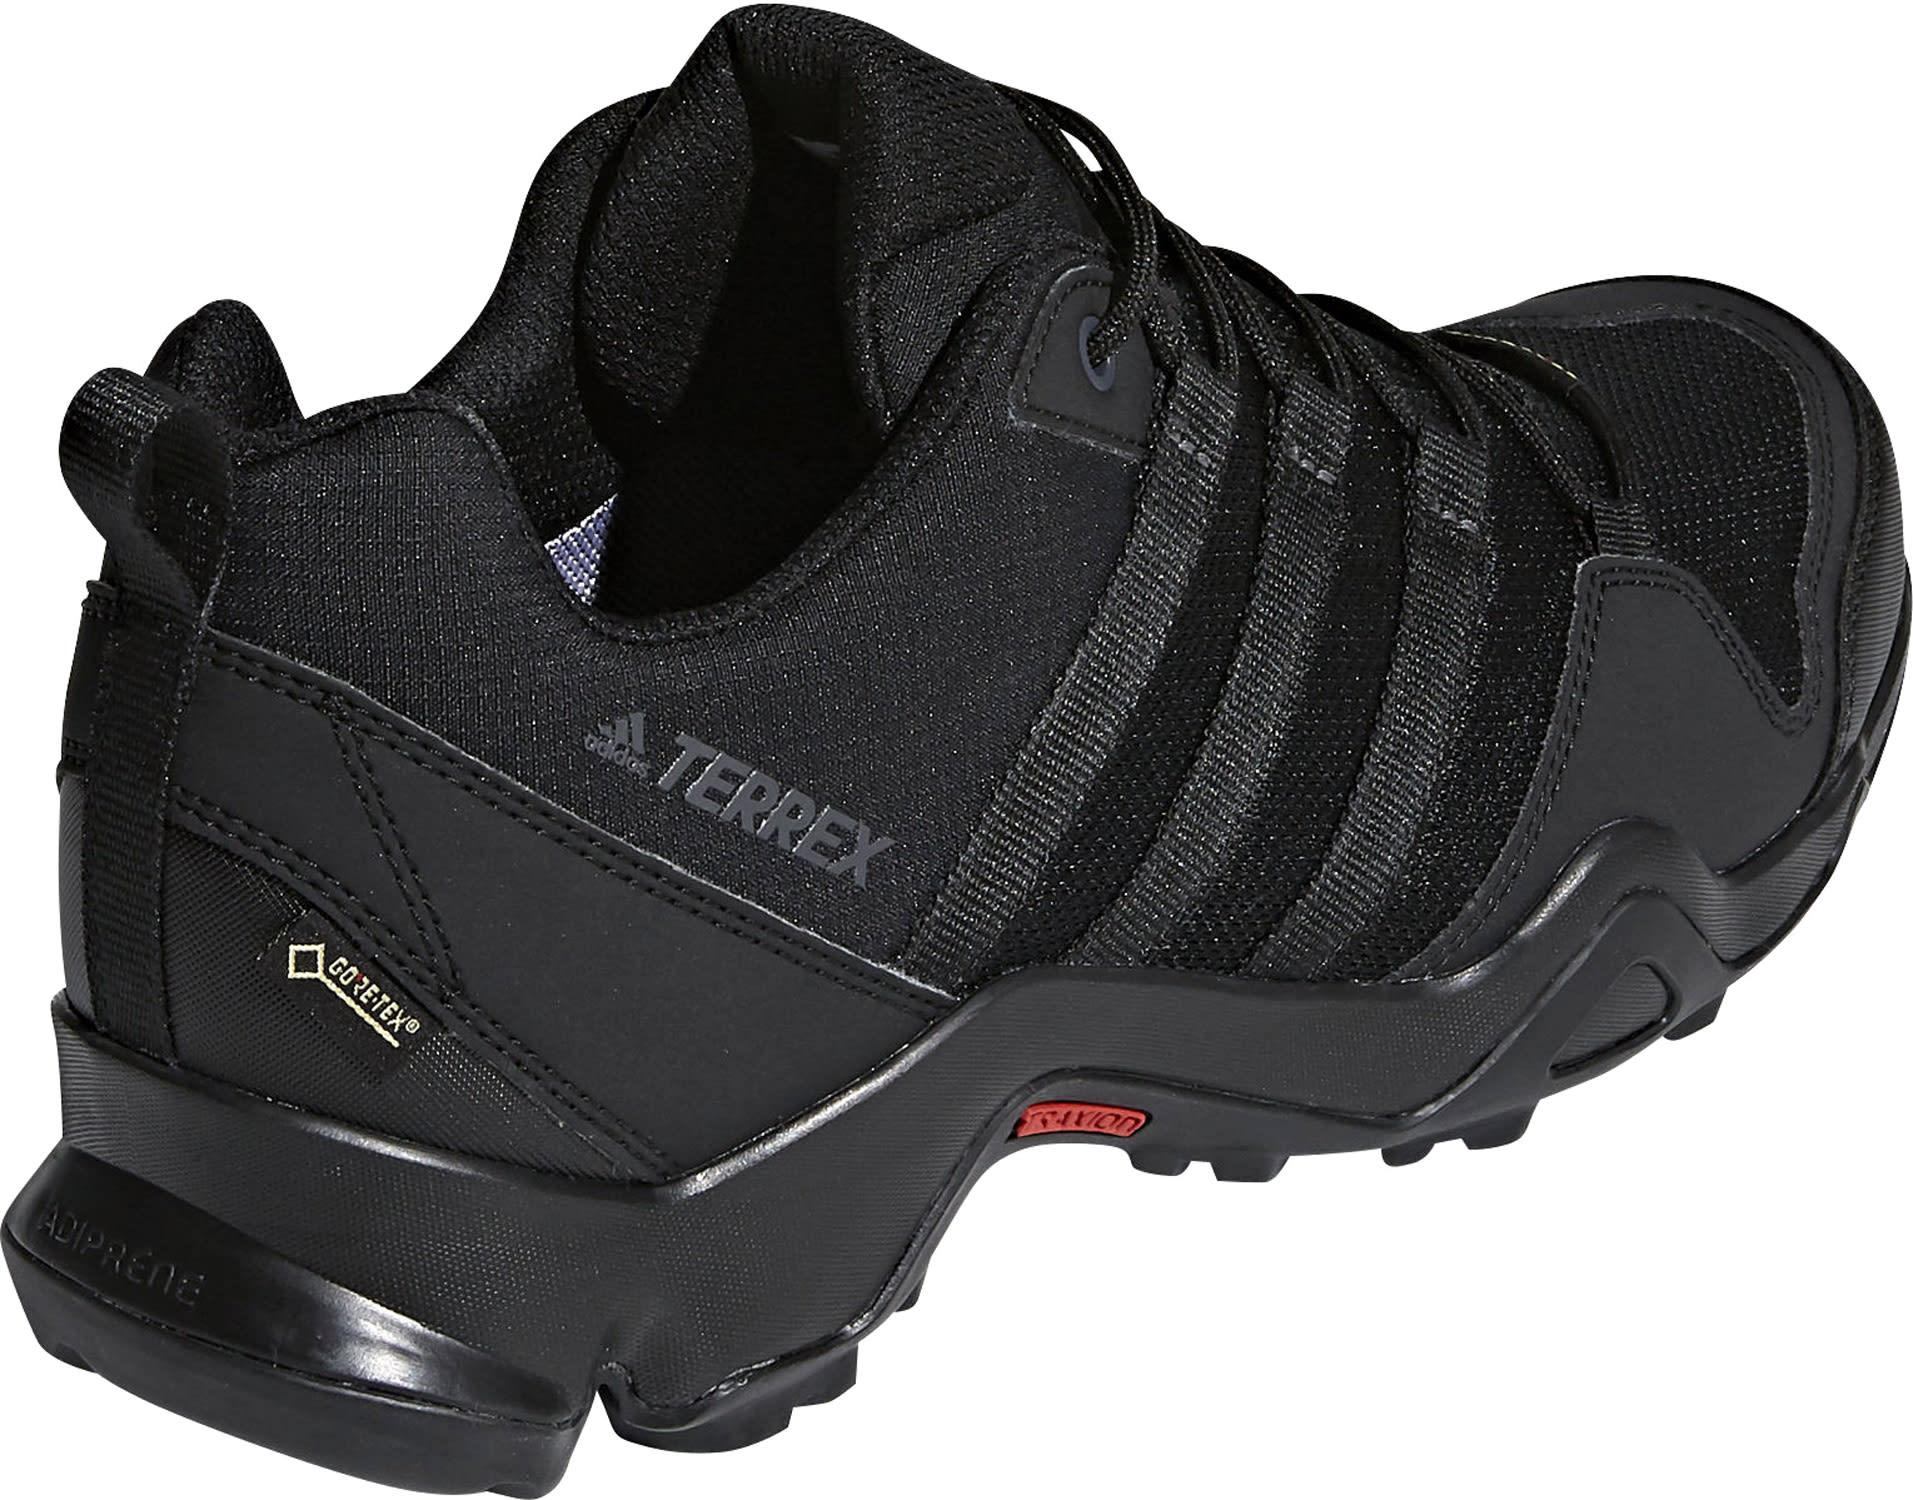 Adidas Terrex AX2R GTX Hiking Shoes